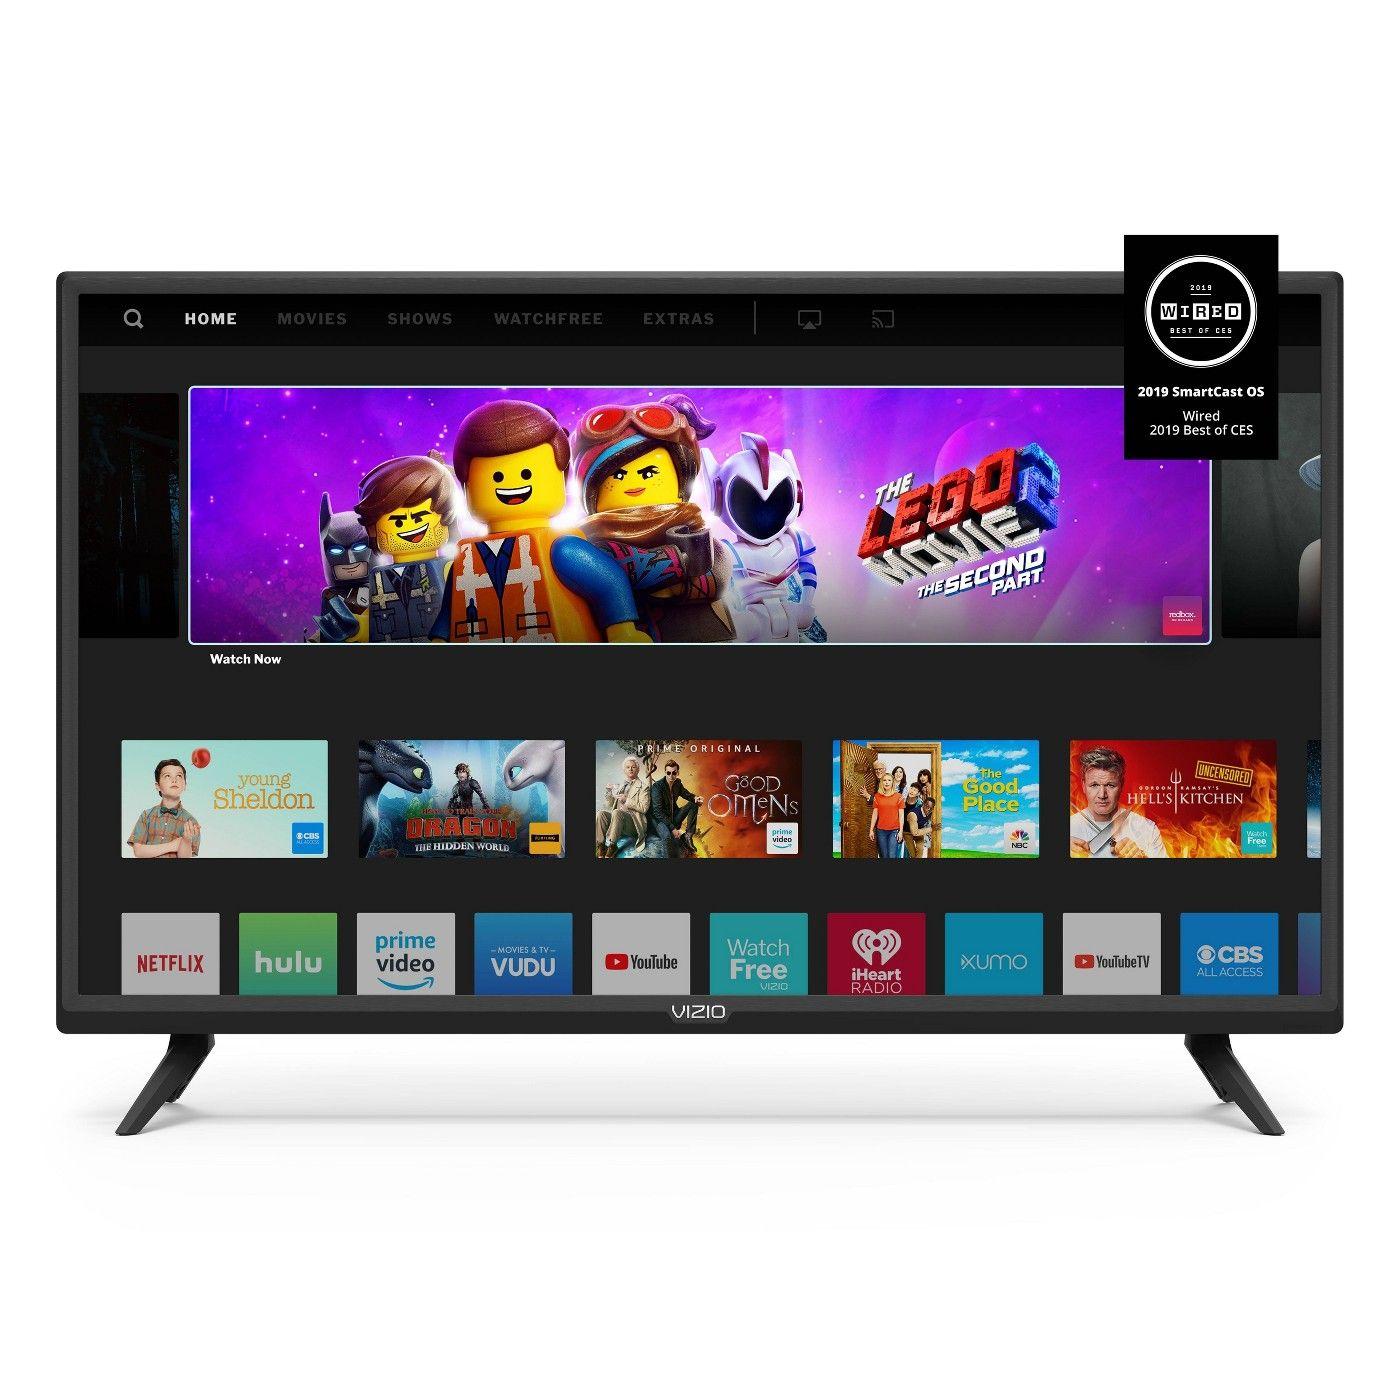 Vizio D Series 32 Class 31 50 Diag 1080p Full Array Led Smart Hdtv D32f G In 2021 Smart Tv Vizio Led Tv